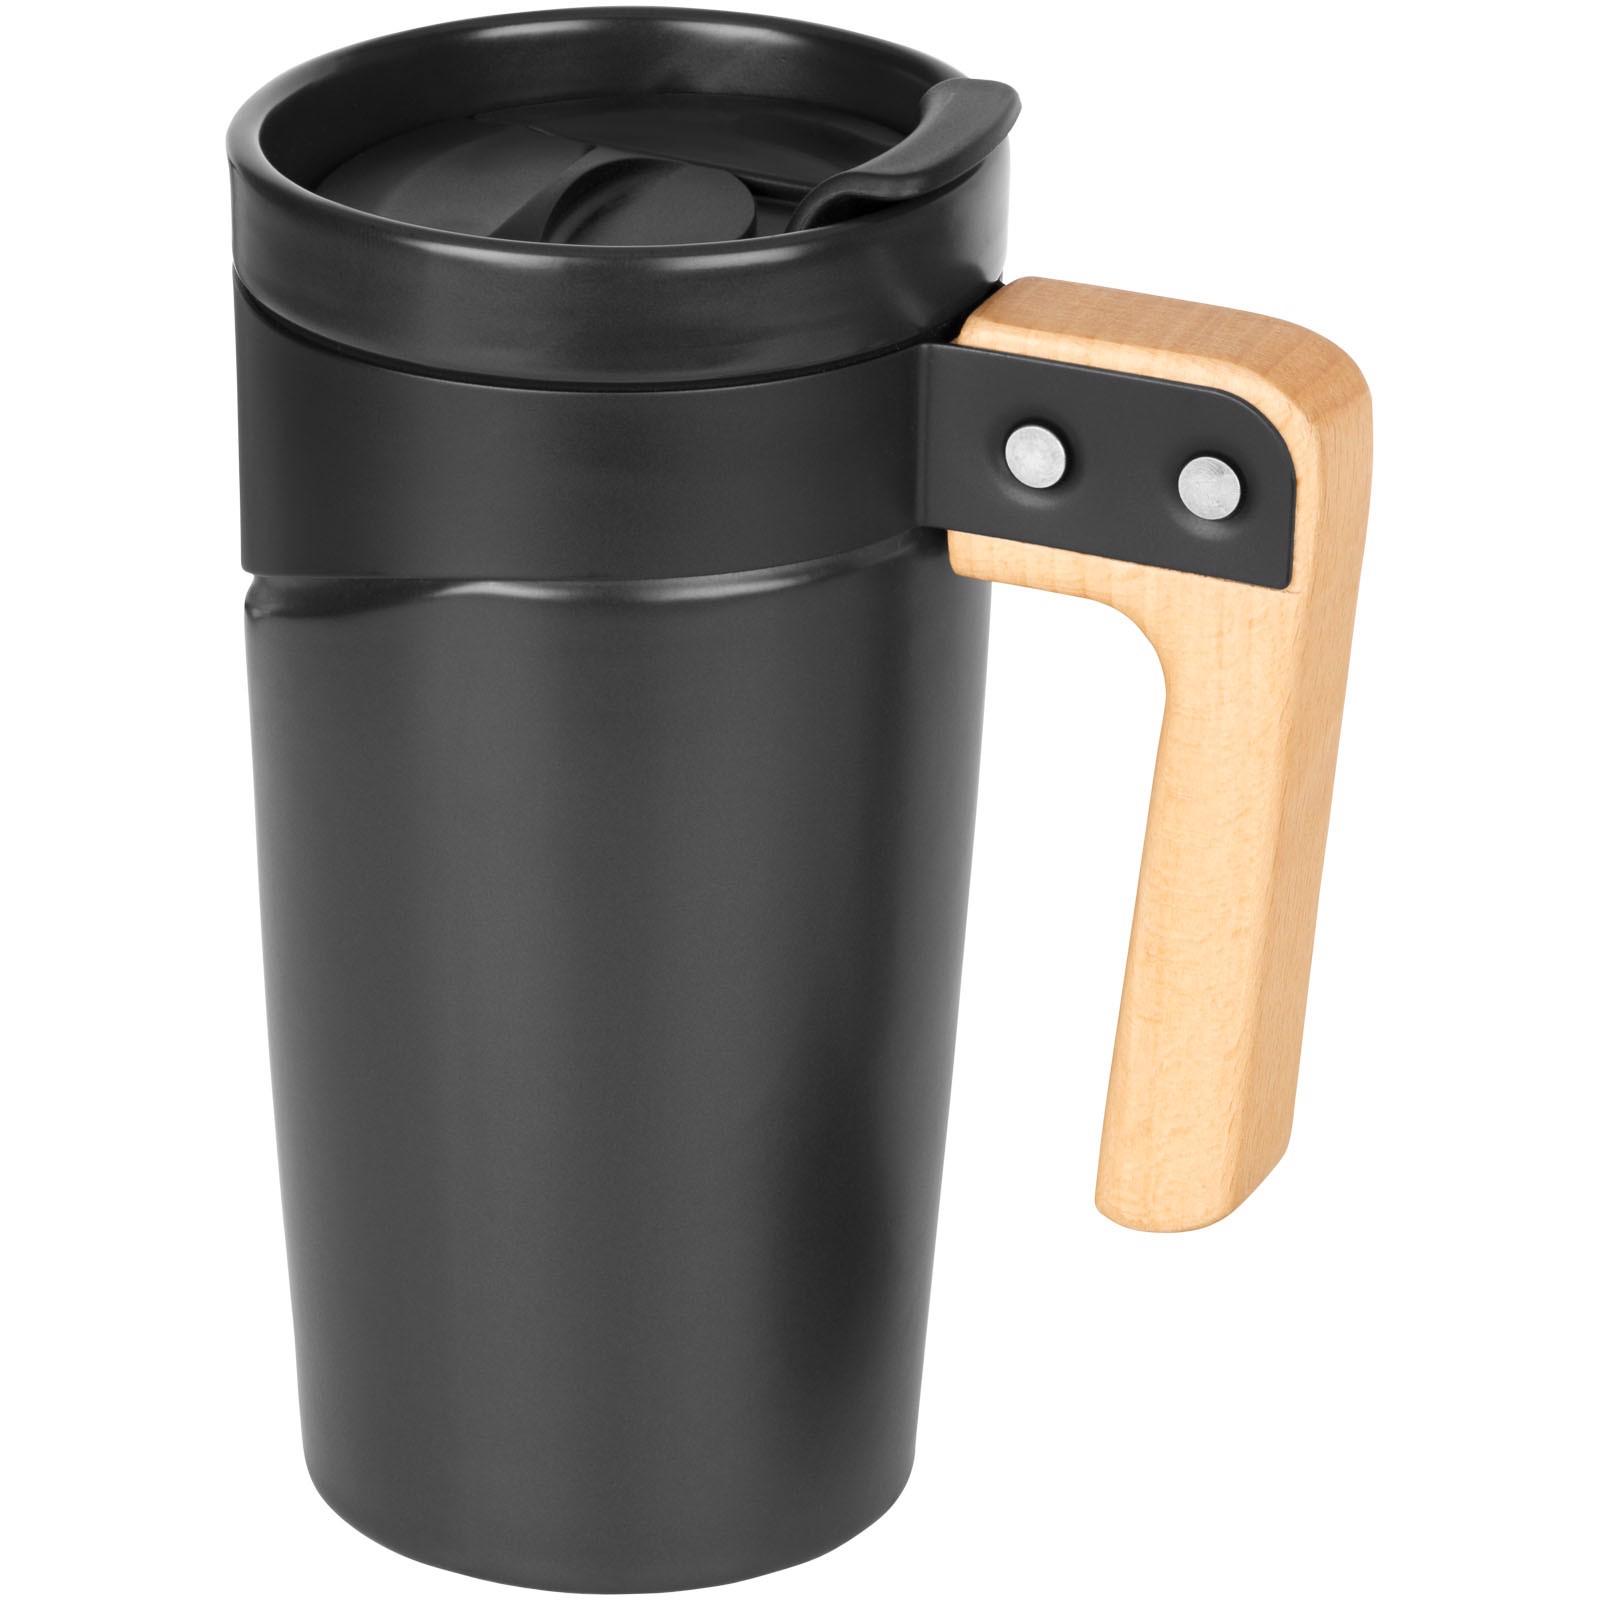 """Taza de cerámica con asa de madera de 475 ml """"Grotto"""" - Negro Intenso"""